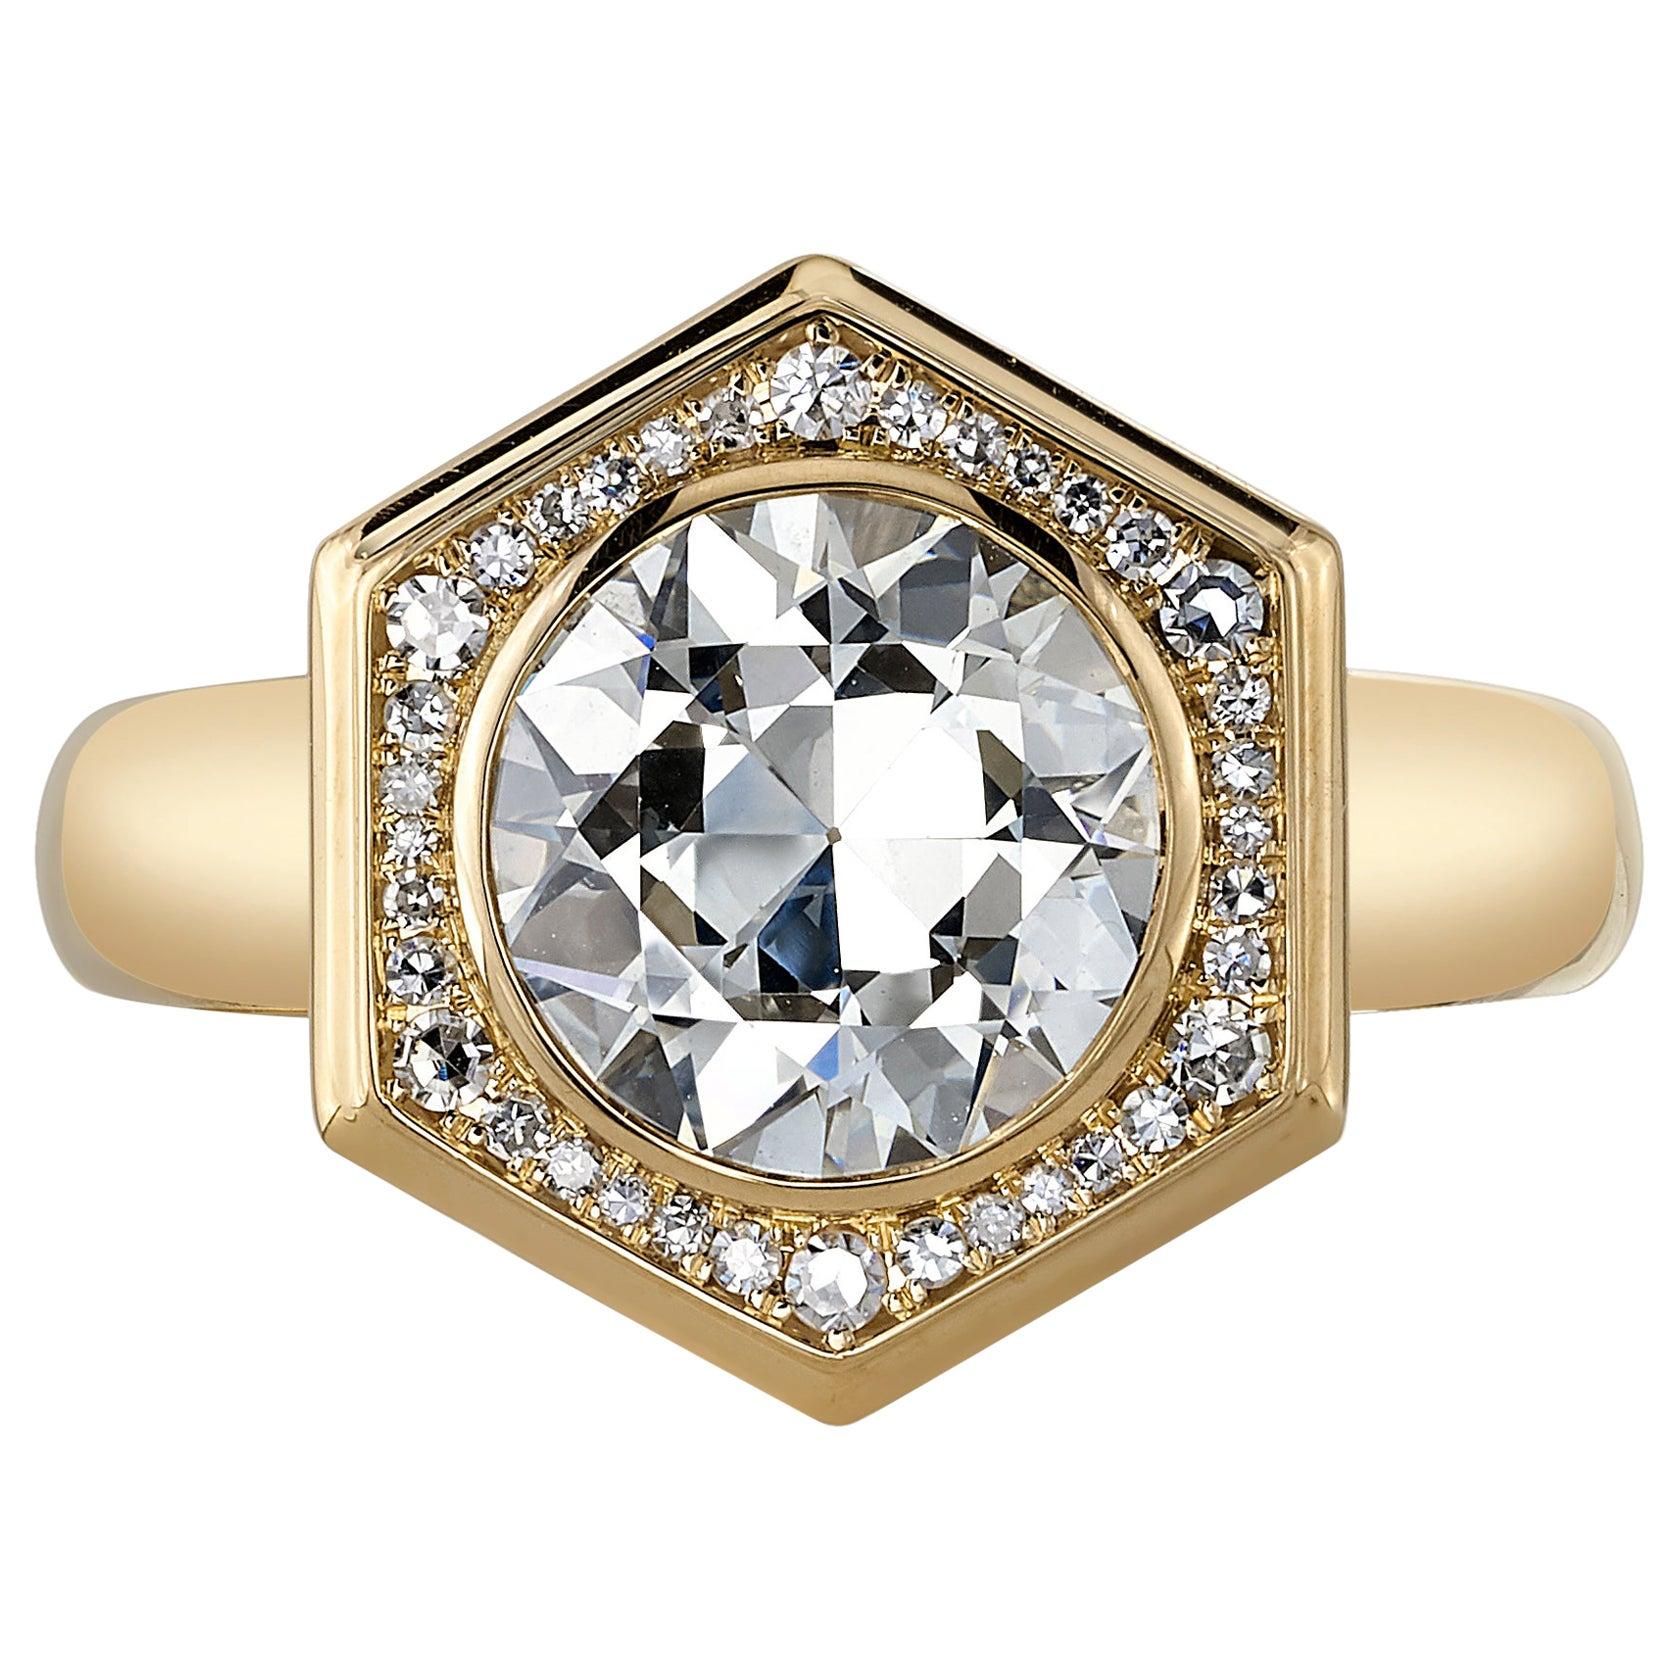 2.08 Carat GIA Certified Old European Cut Diamond Set in an 18 Karat Gold Ring